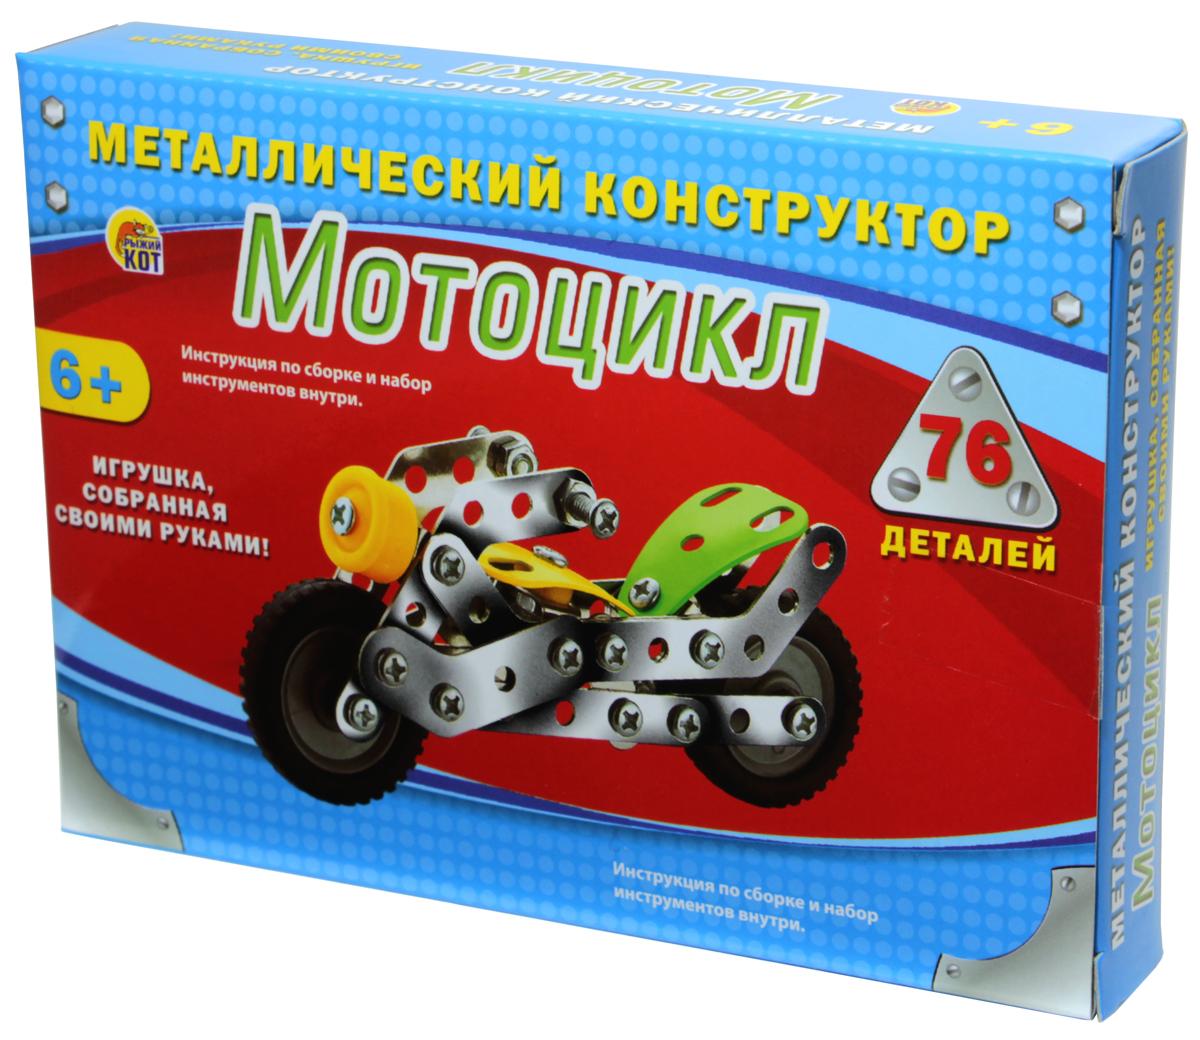 Рыжий Кот Конструктор Мотоцикл